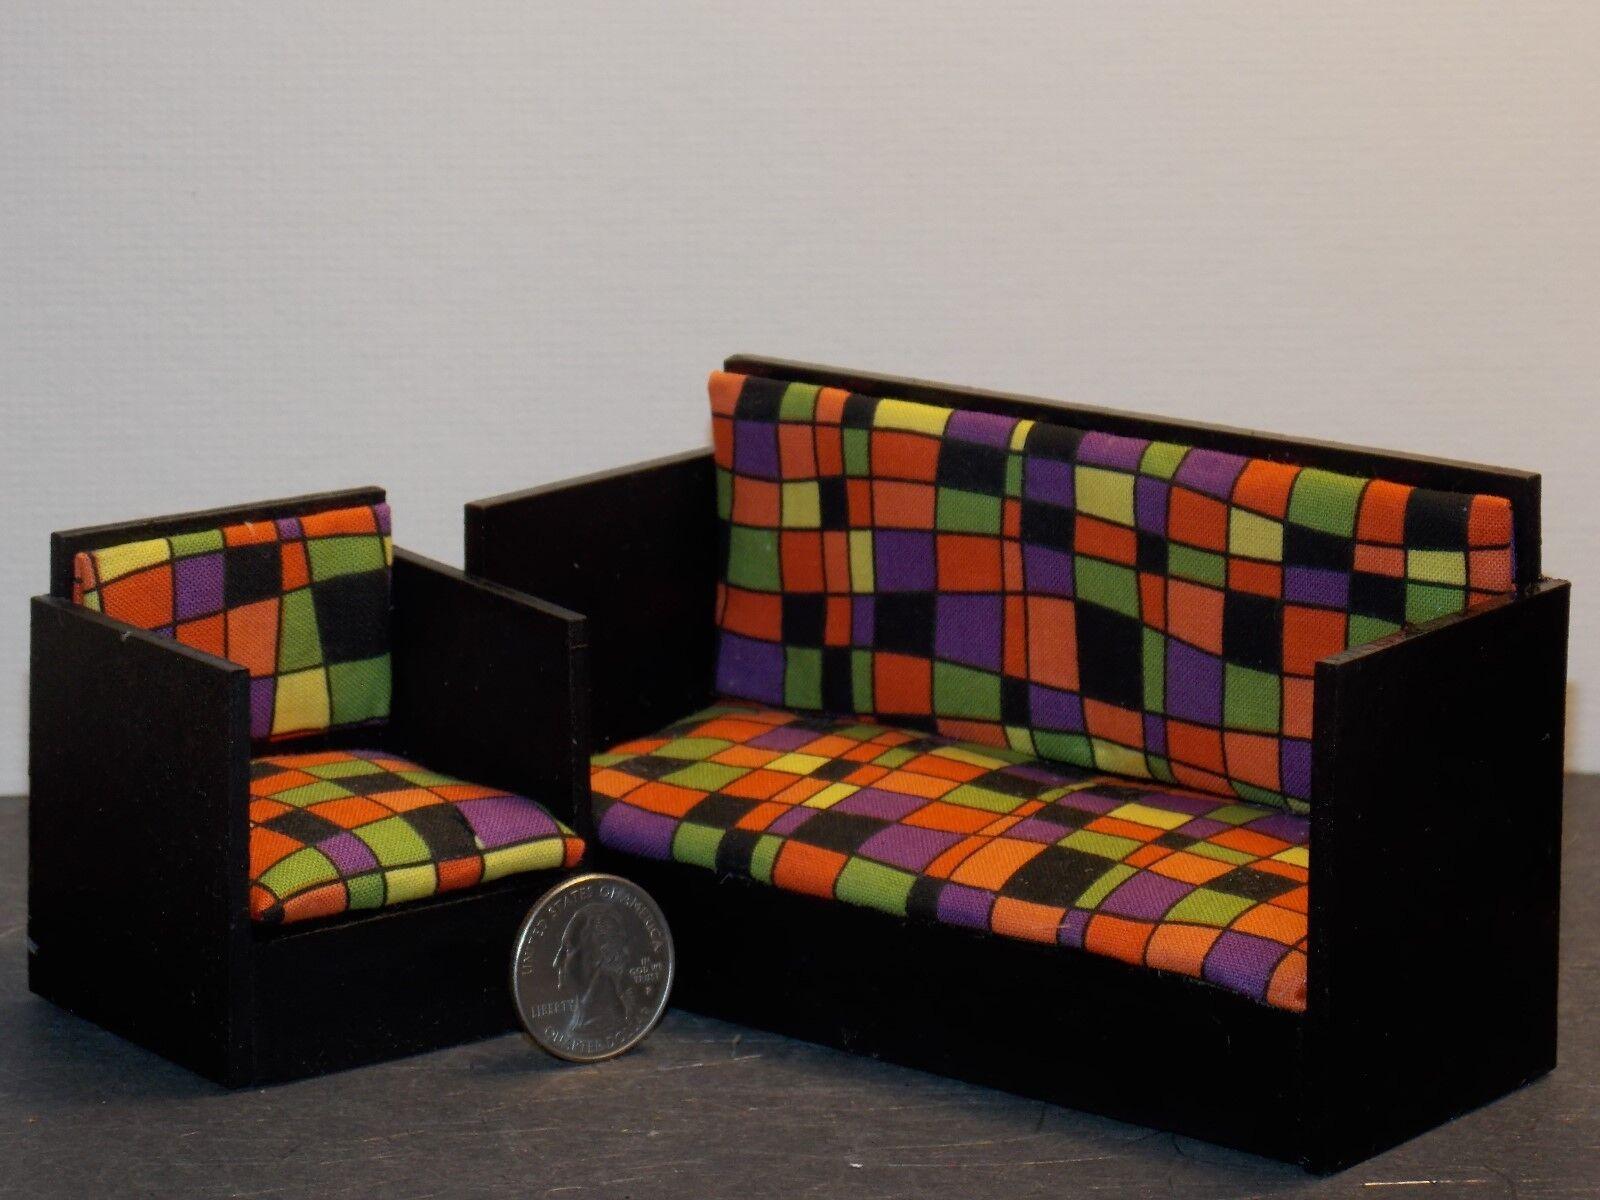 Casa de muñecas en miniatura sillón salón conjunto 1 12 escala E30 dollys Galería